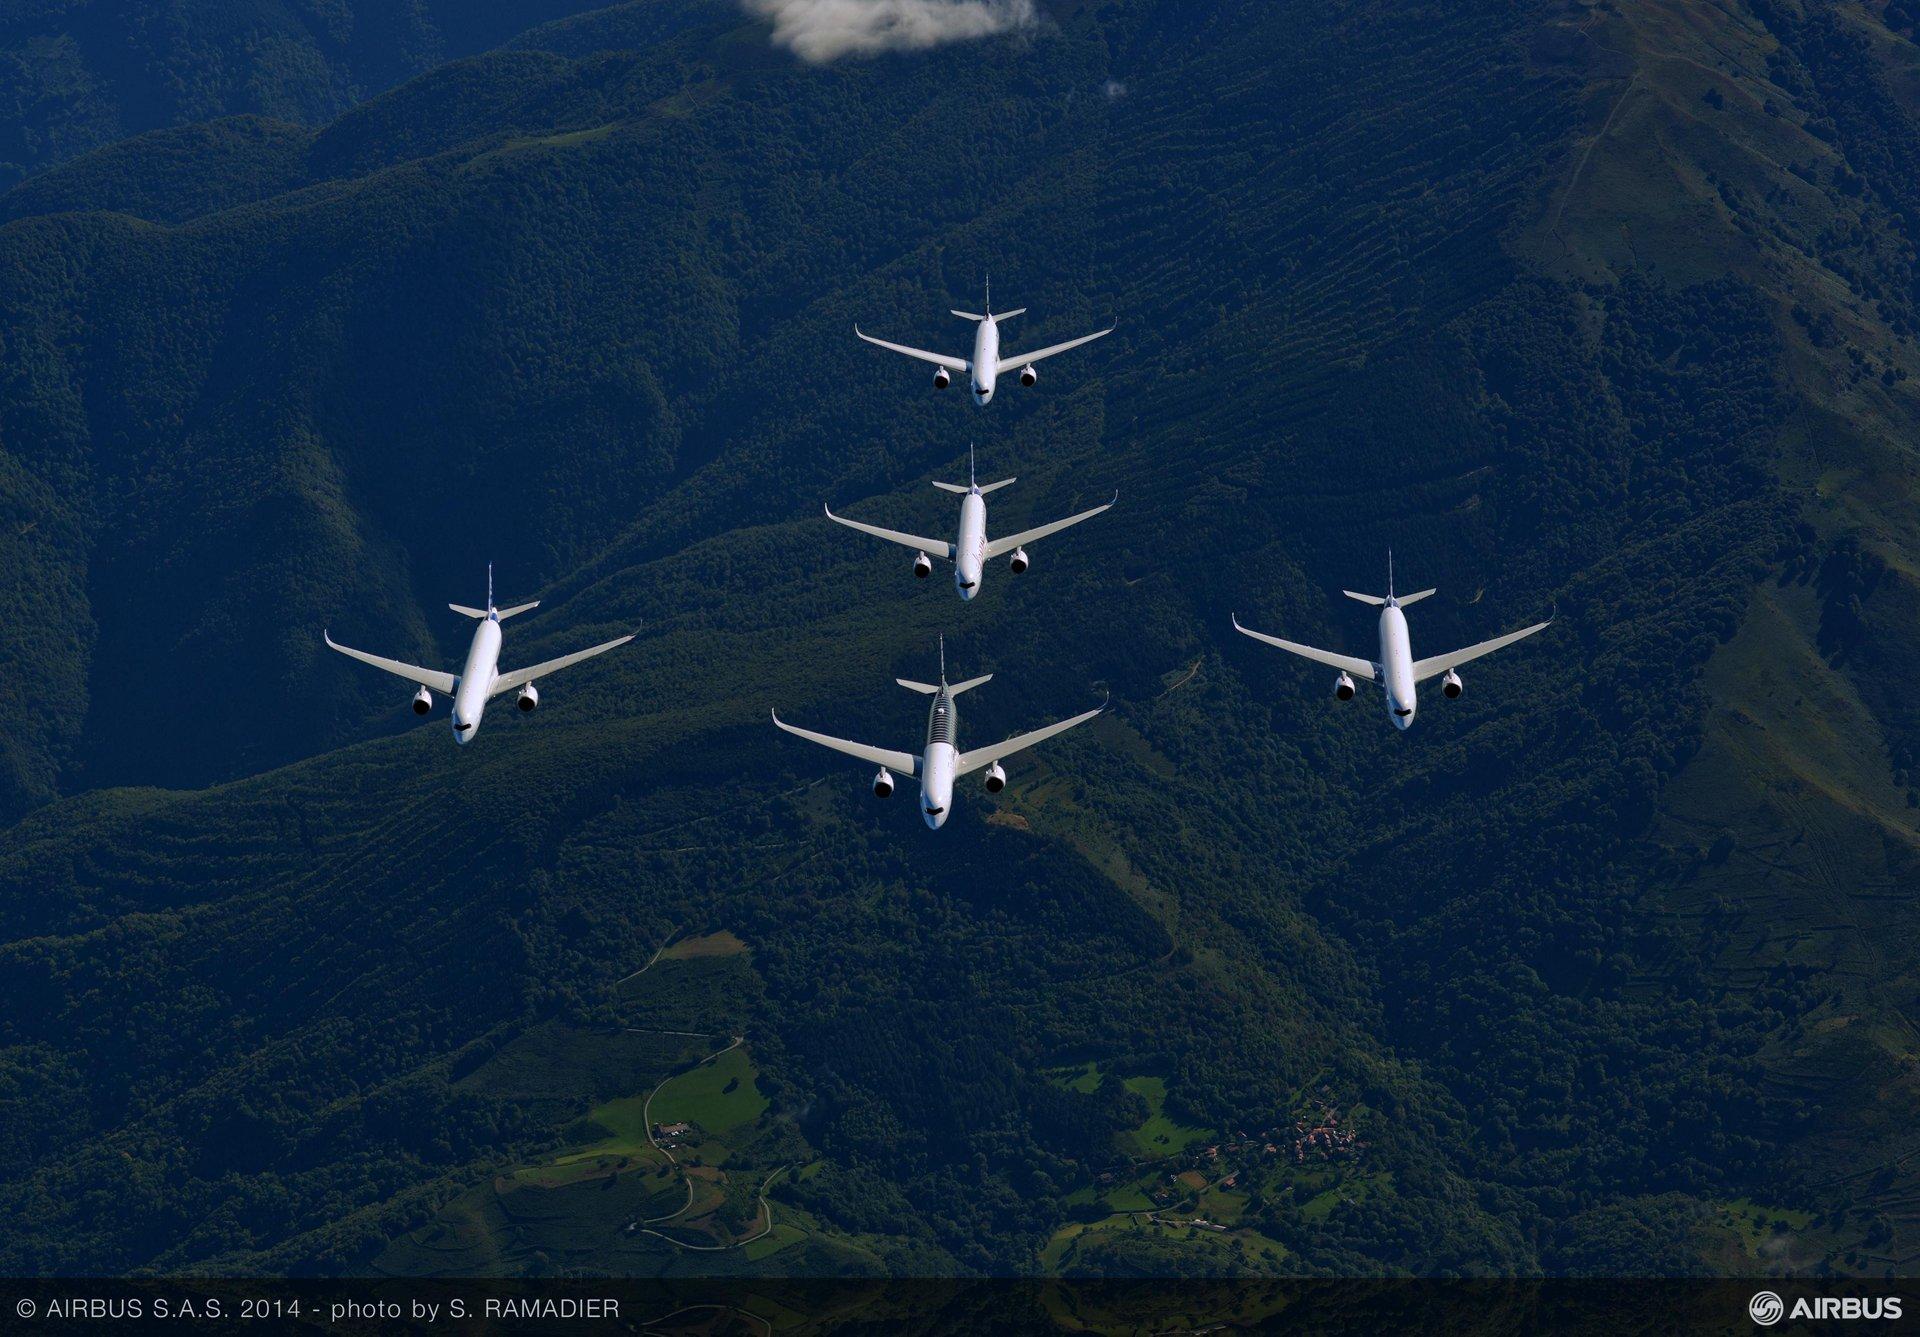 A350 XWB – Test aircraft formation flight 2